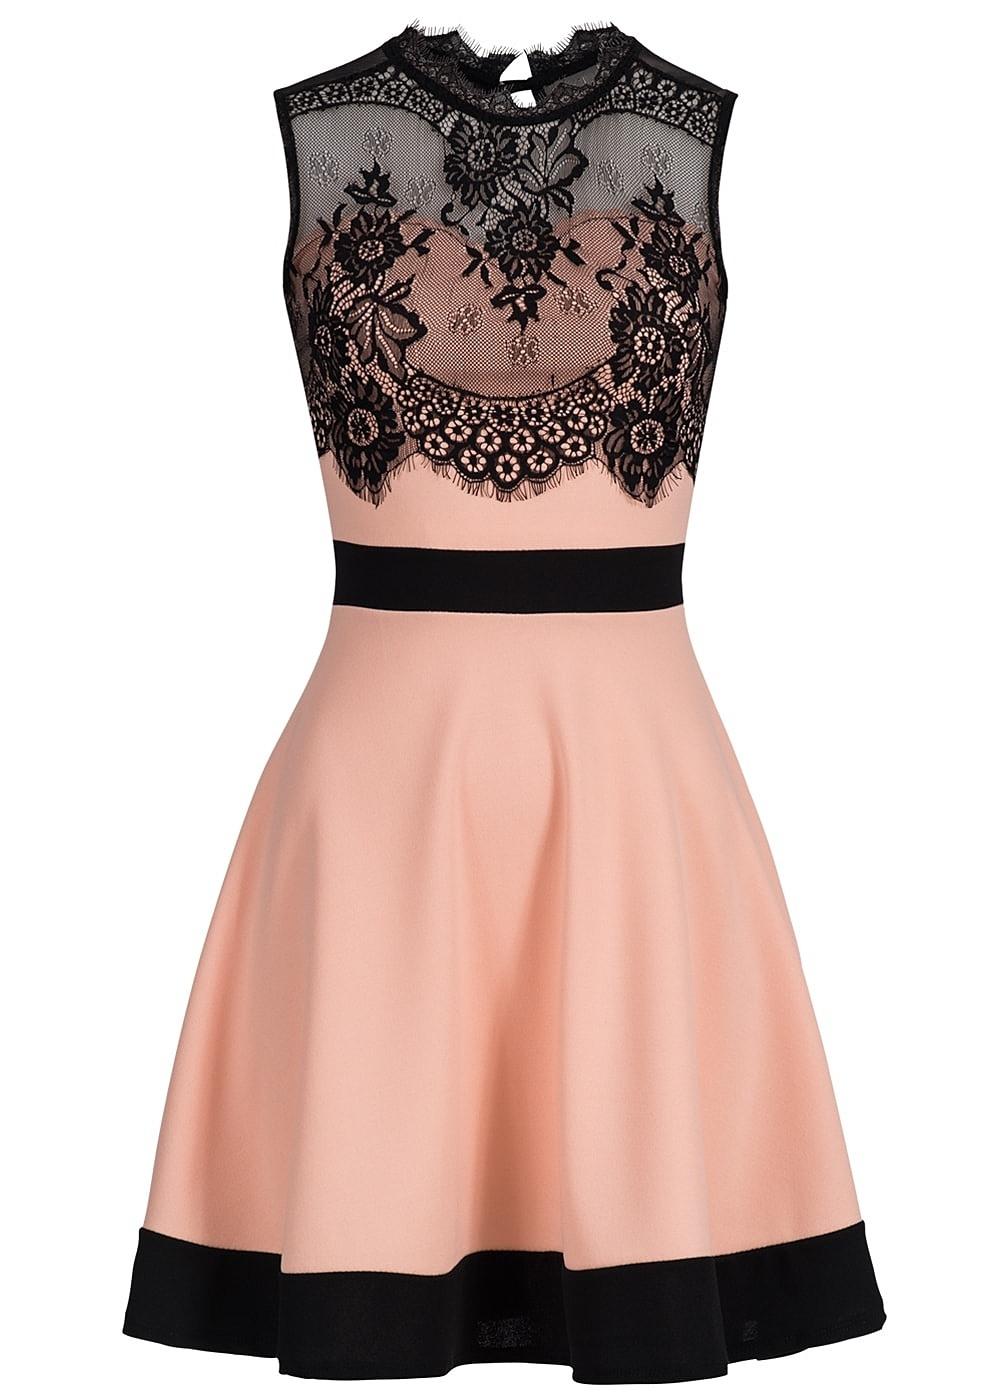 20 Schön Rosa Kleid Mit Spitze BoutiqueFormal Luxus Rosa Kleid Mit Spitze Stylish